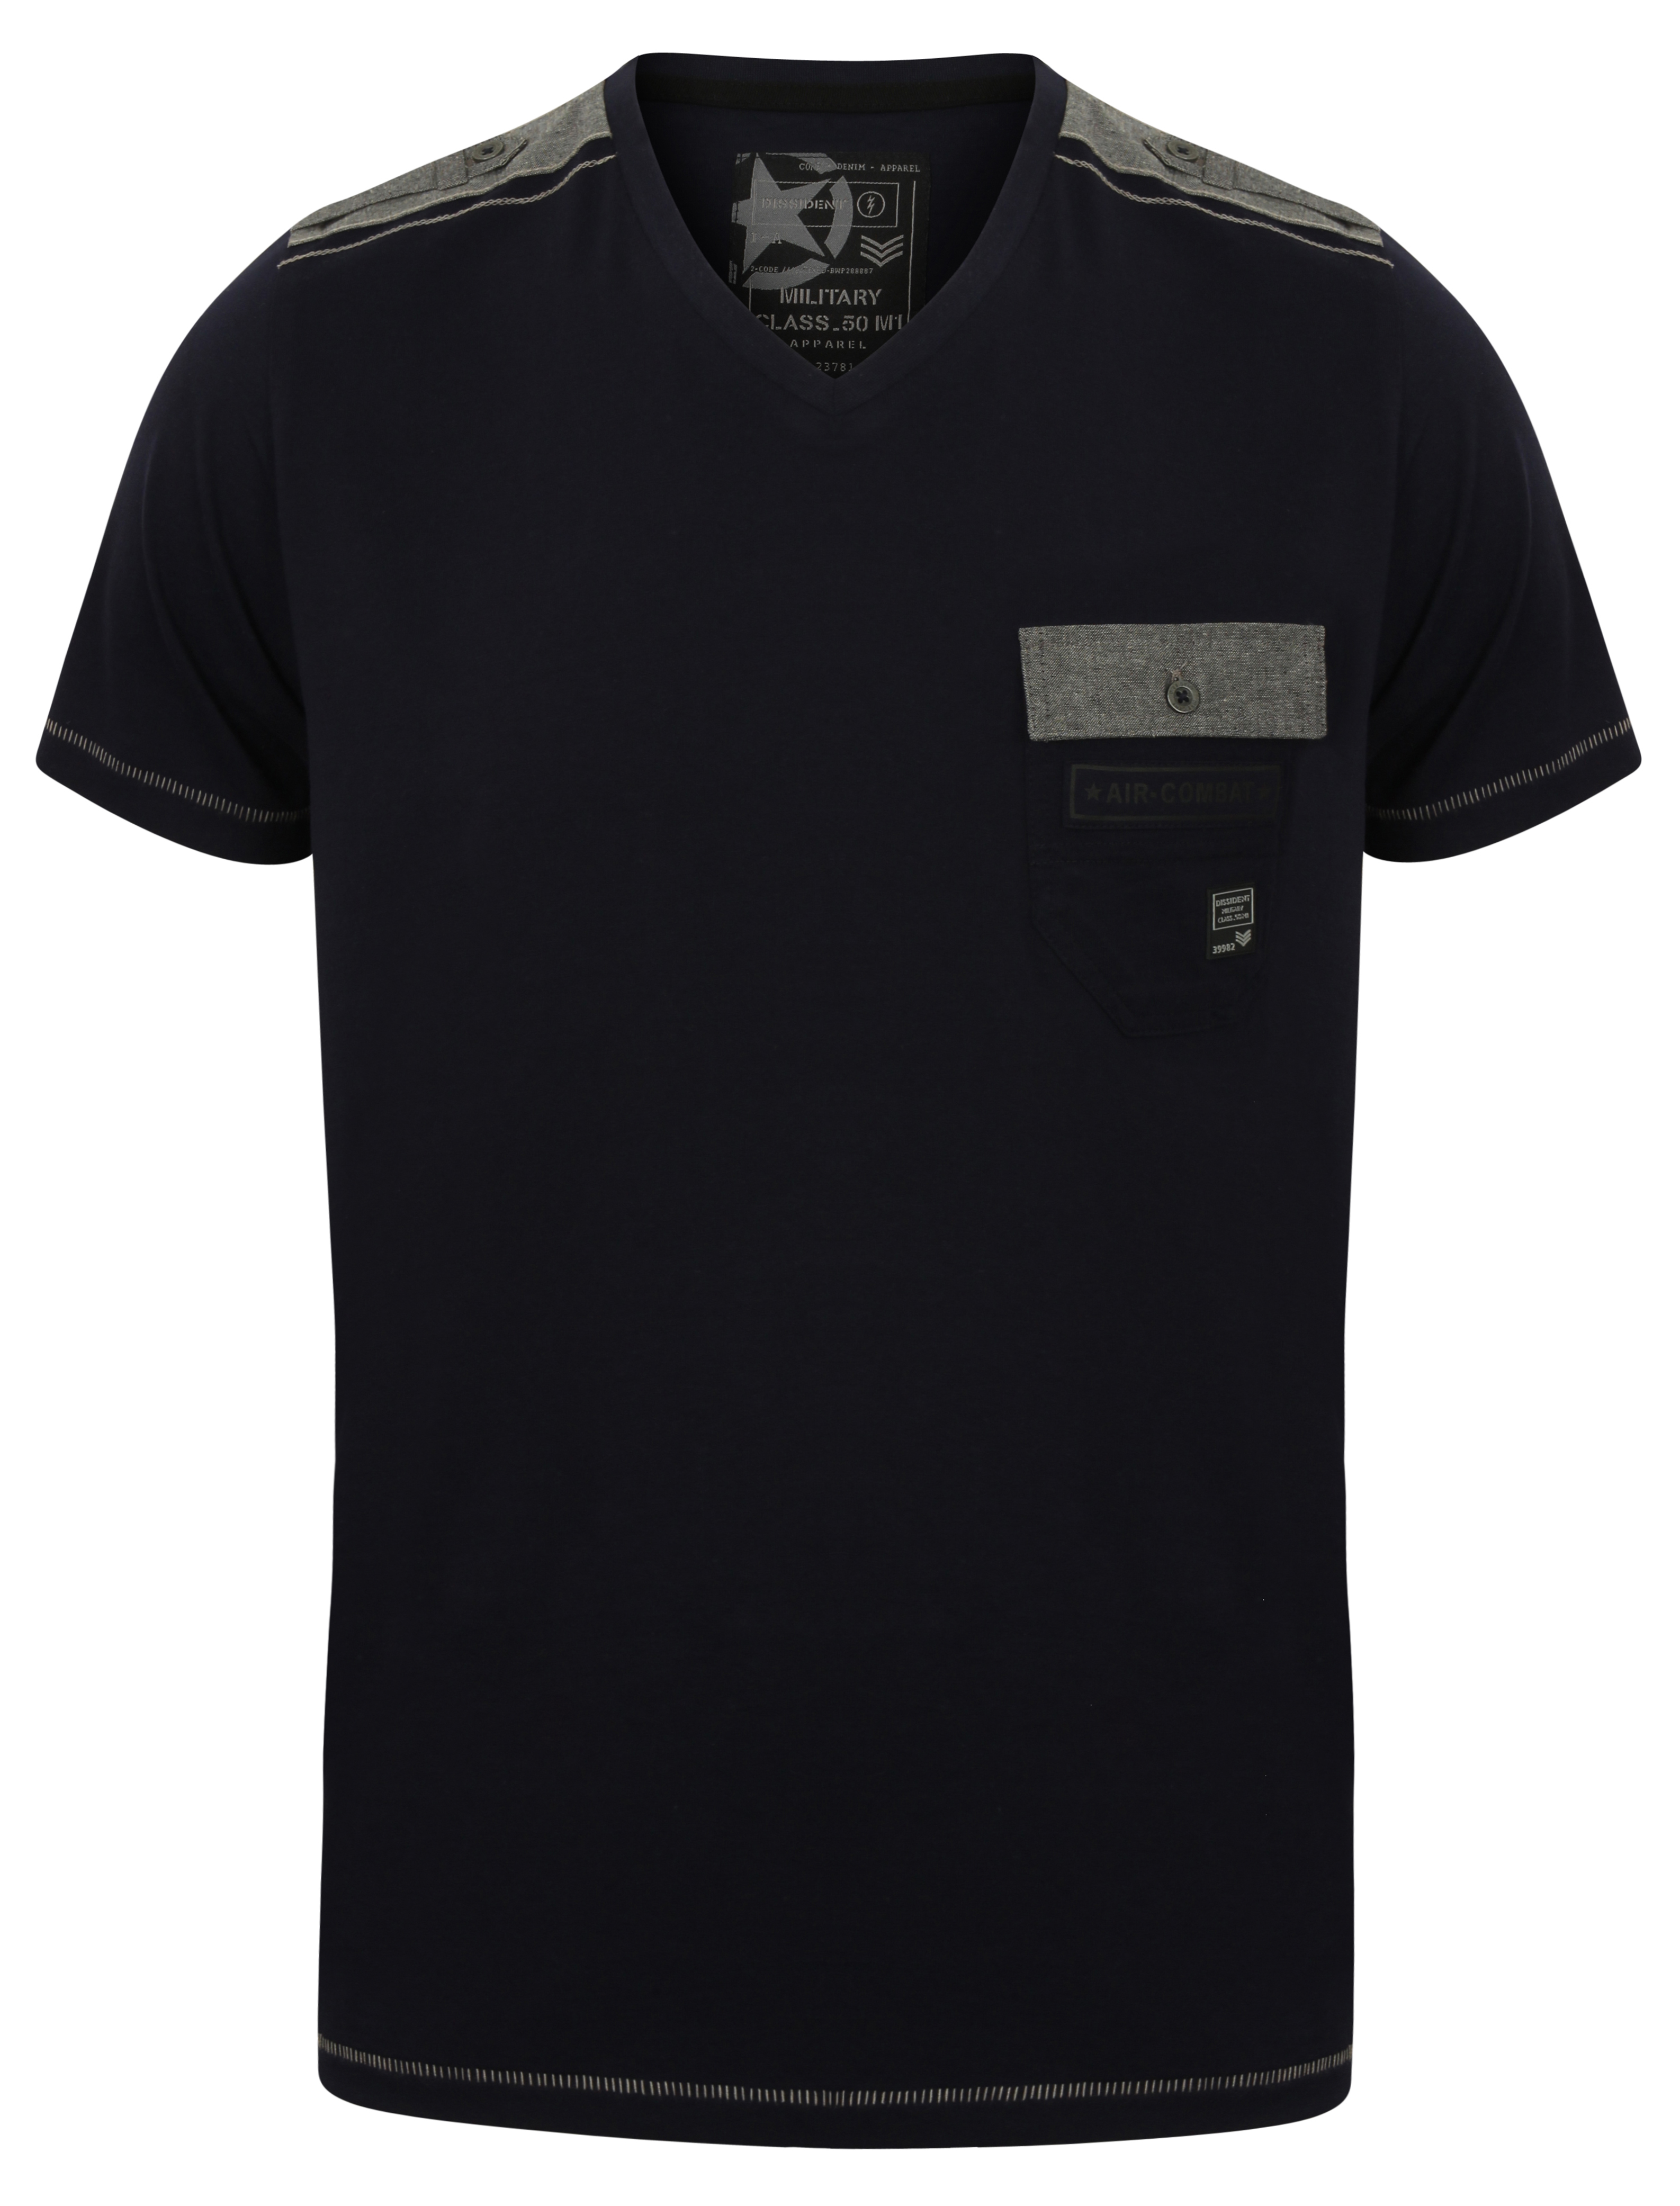 37681863de01 Mens Dissident T-Shirt Cotton Mix Designer Tee Shirt Casual Top | eBay